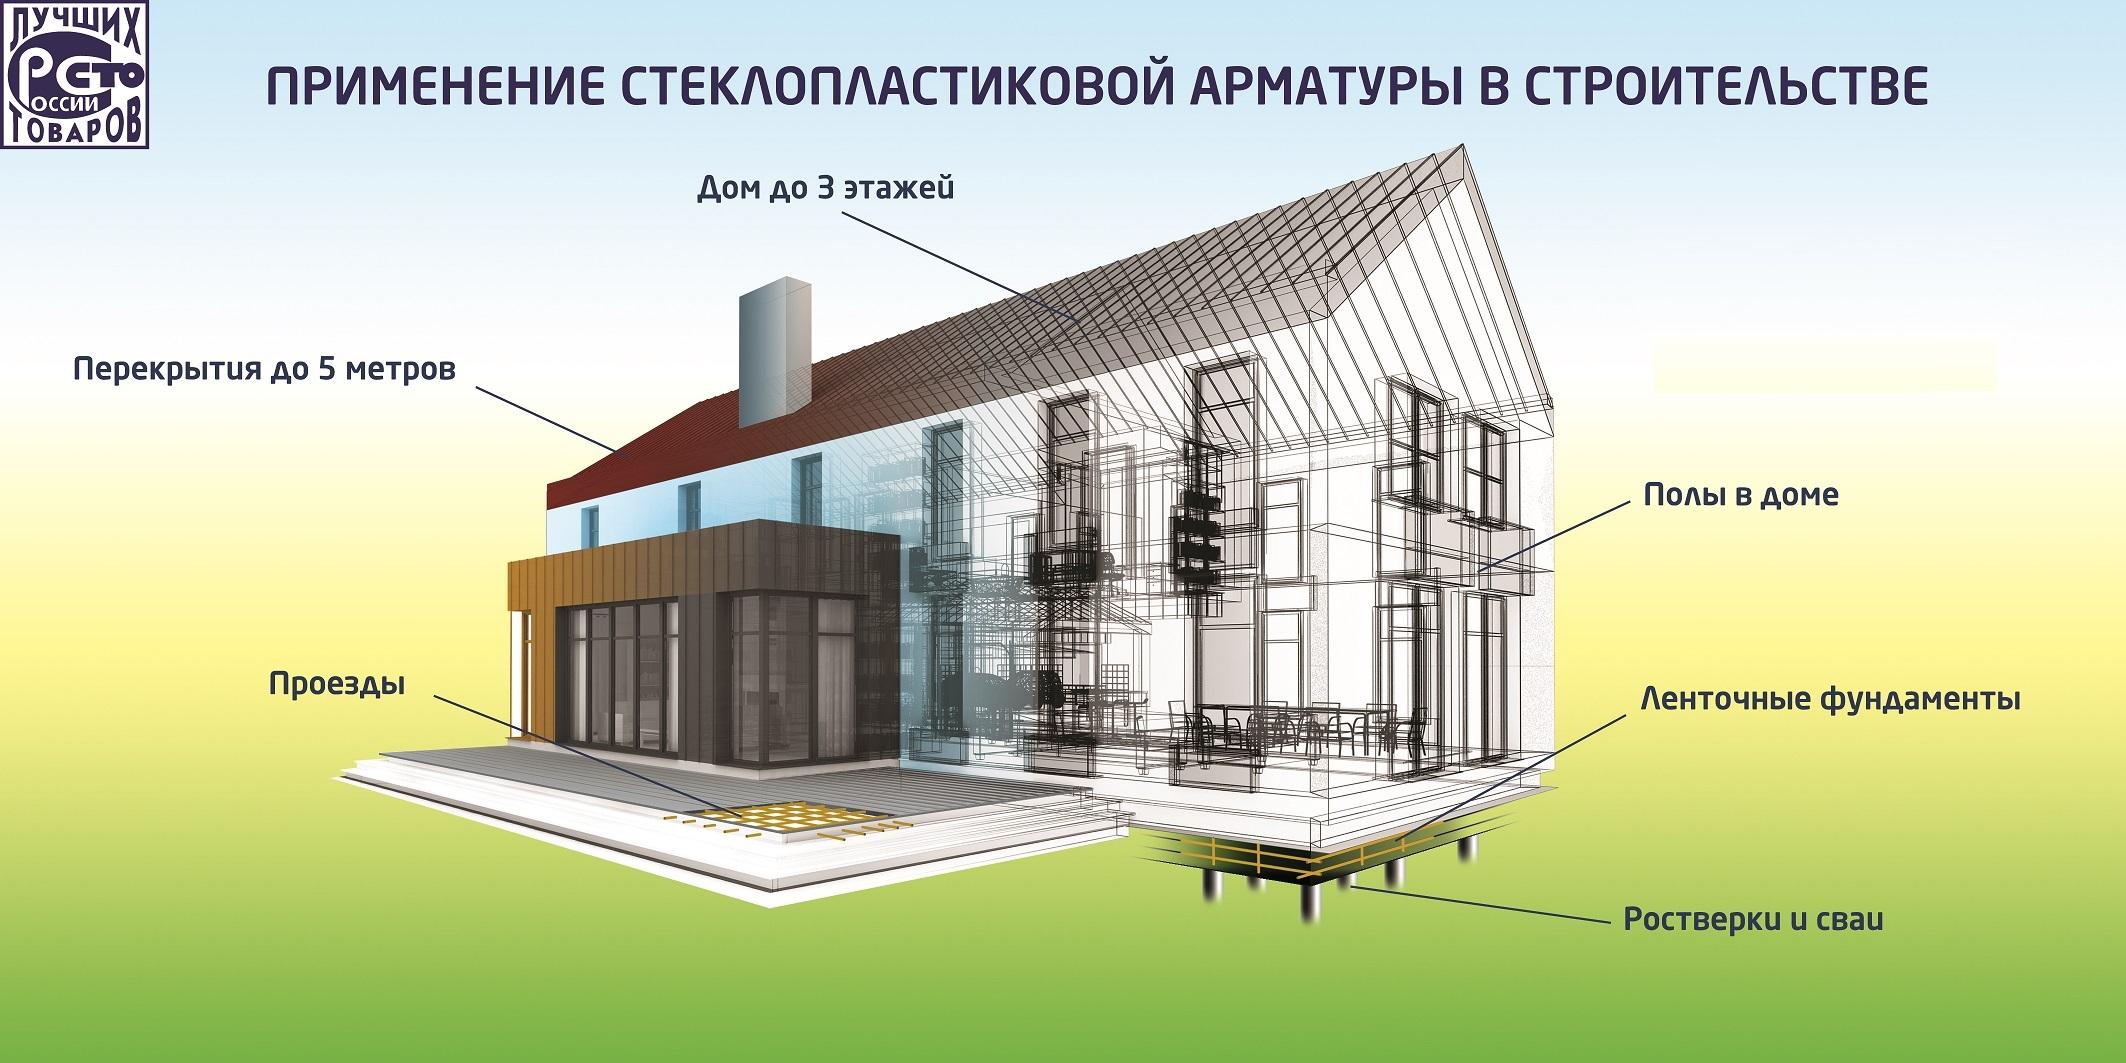 Композитная арматура - применение в строительстве, характеристики и сравнение